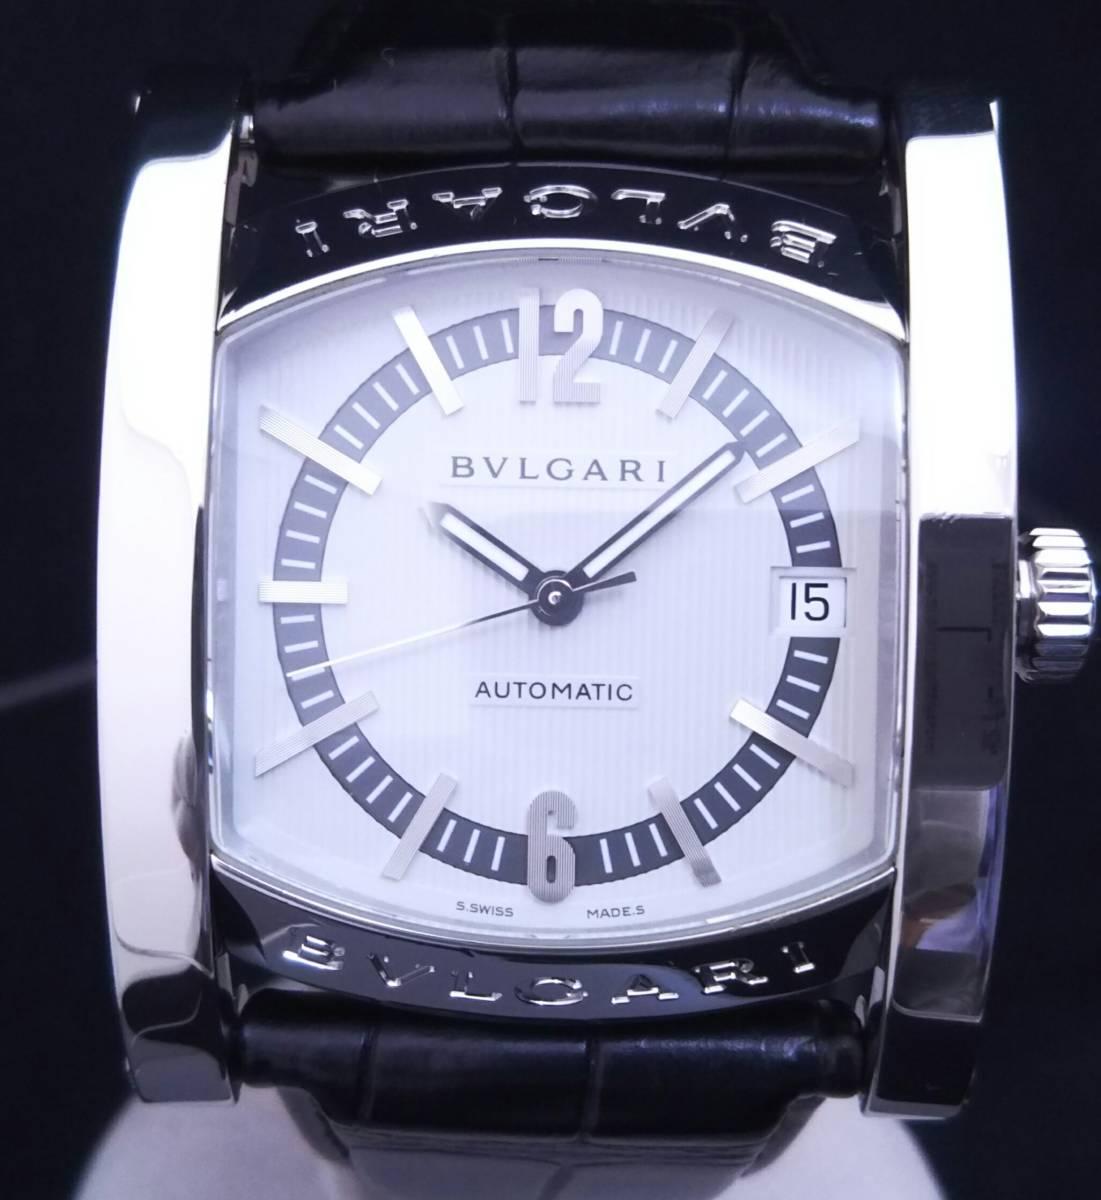 【OH・研磨済!】BVLGARI ブルガリ ASSIOMA アショーマ AA44S メンズ腕時計 デイト SS×黒革 白文字盤 自動巻 店舗受取可_画像1